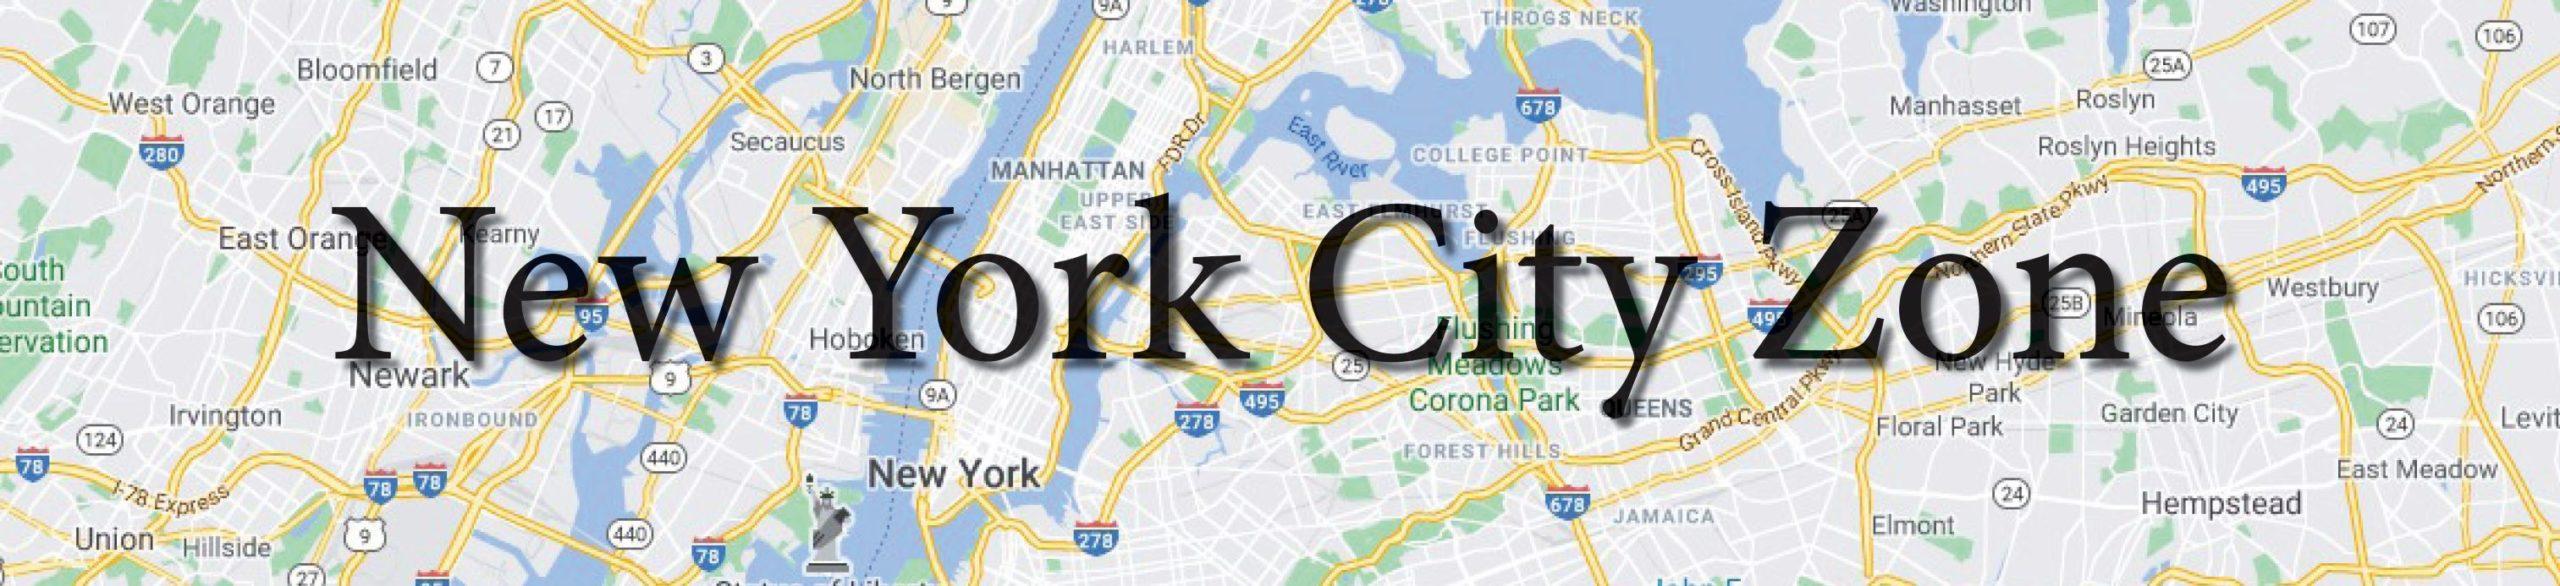 1920x440px NYC Zone